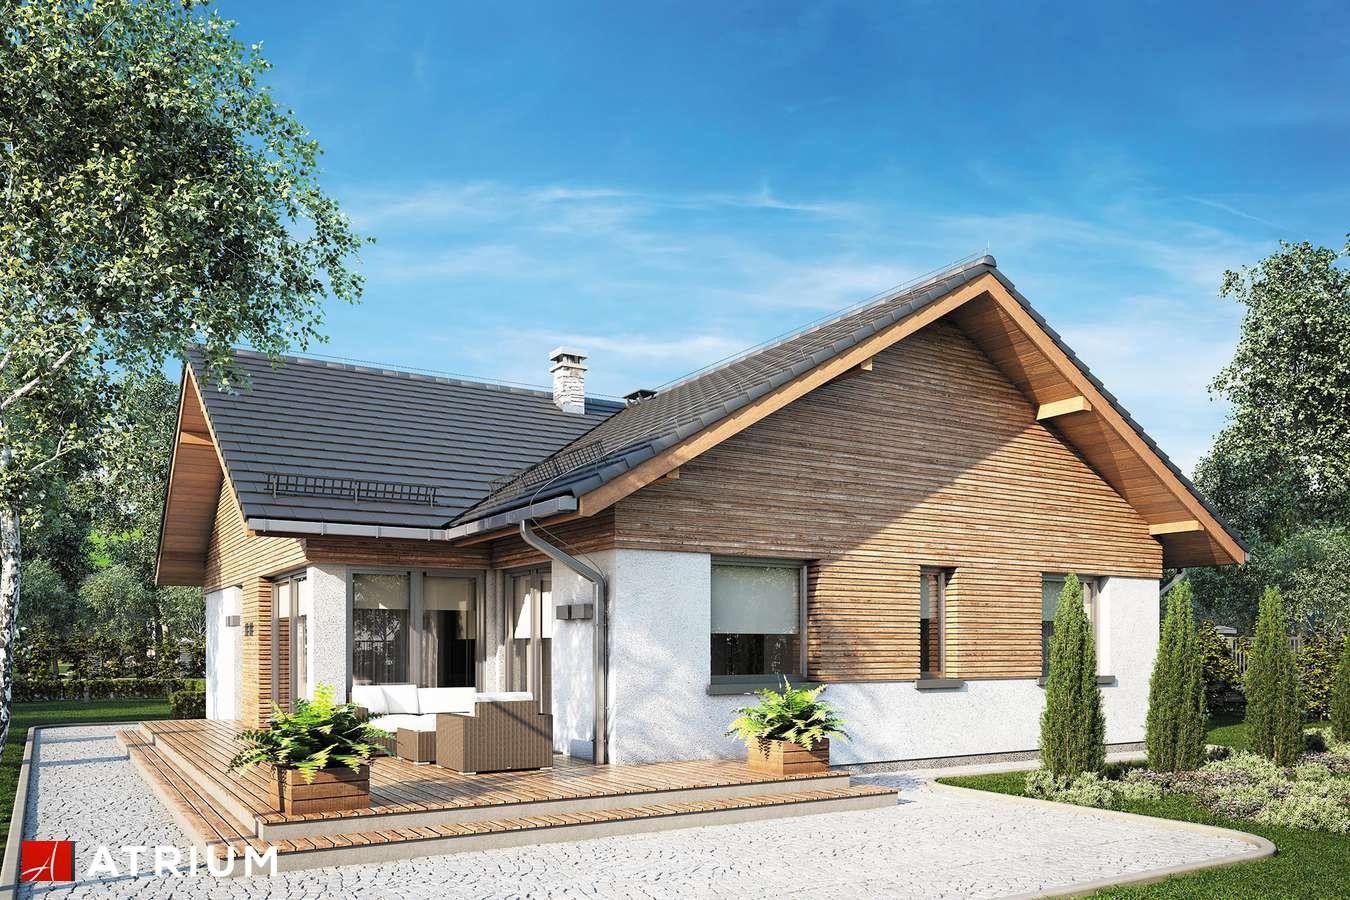 Projekty domów - Projekt domu parterowego WINSTON XVI SZ - wizualizacja 2 - wersja lustrzana